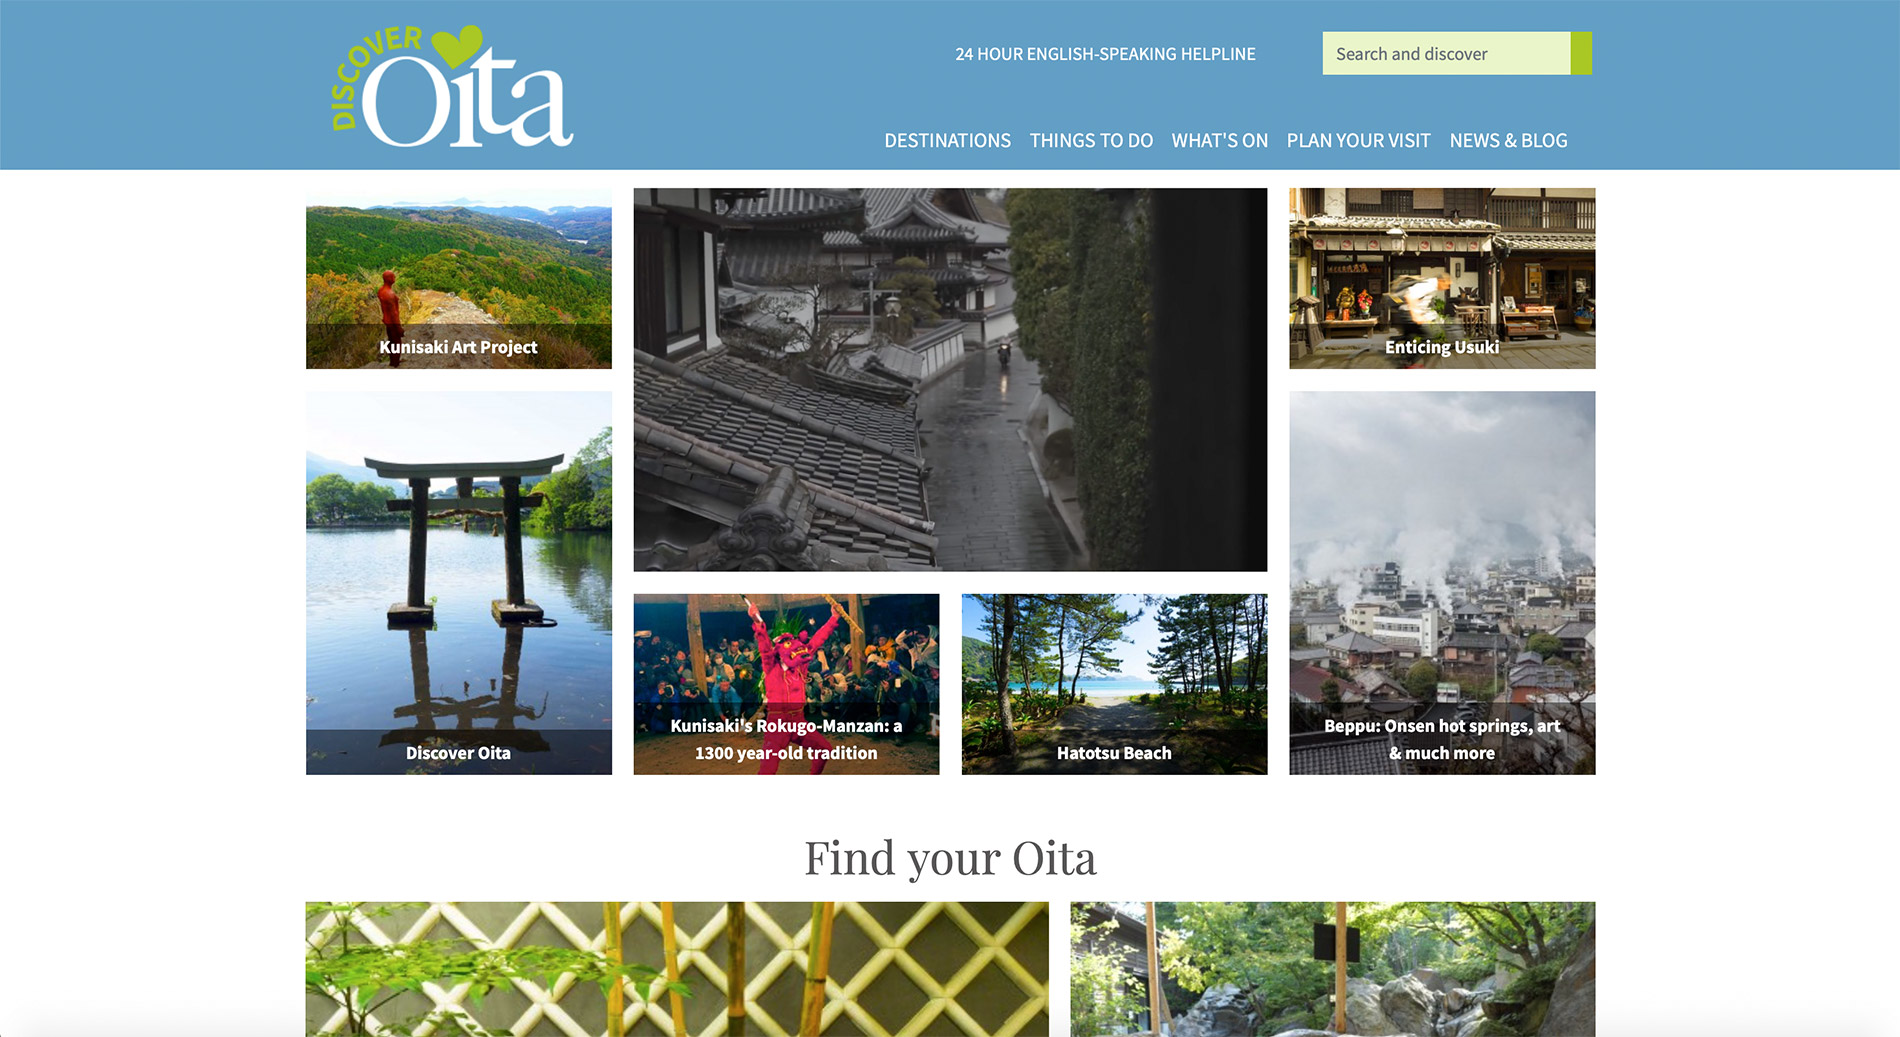 Die englische Webseite des Tourismusverbandes der Präfektur Ōita.